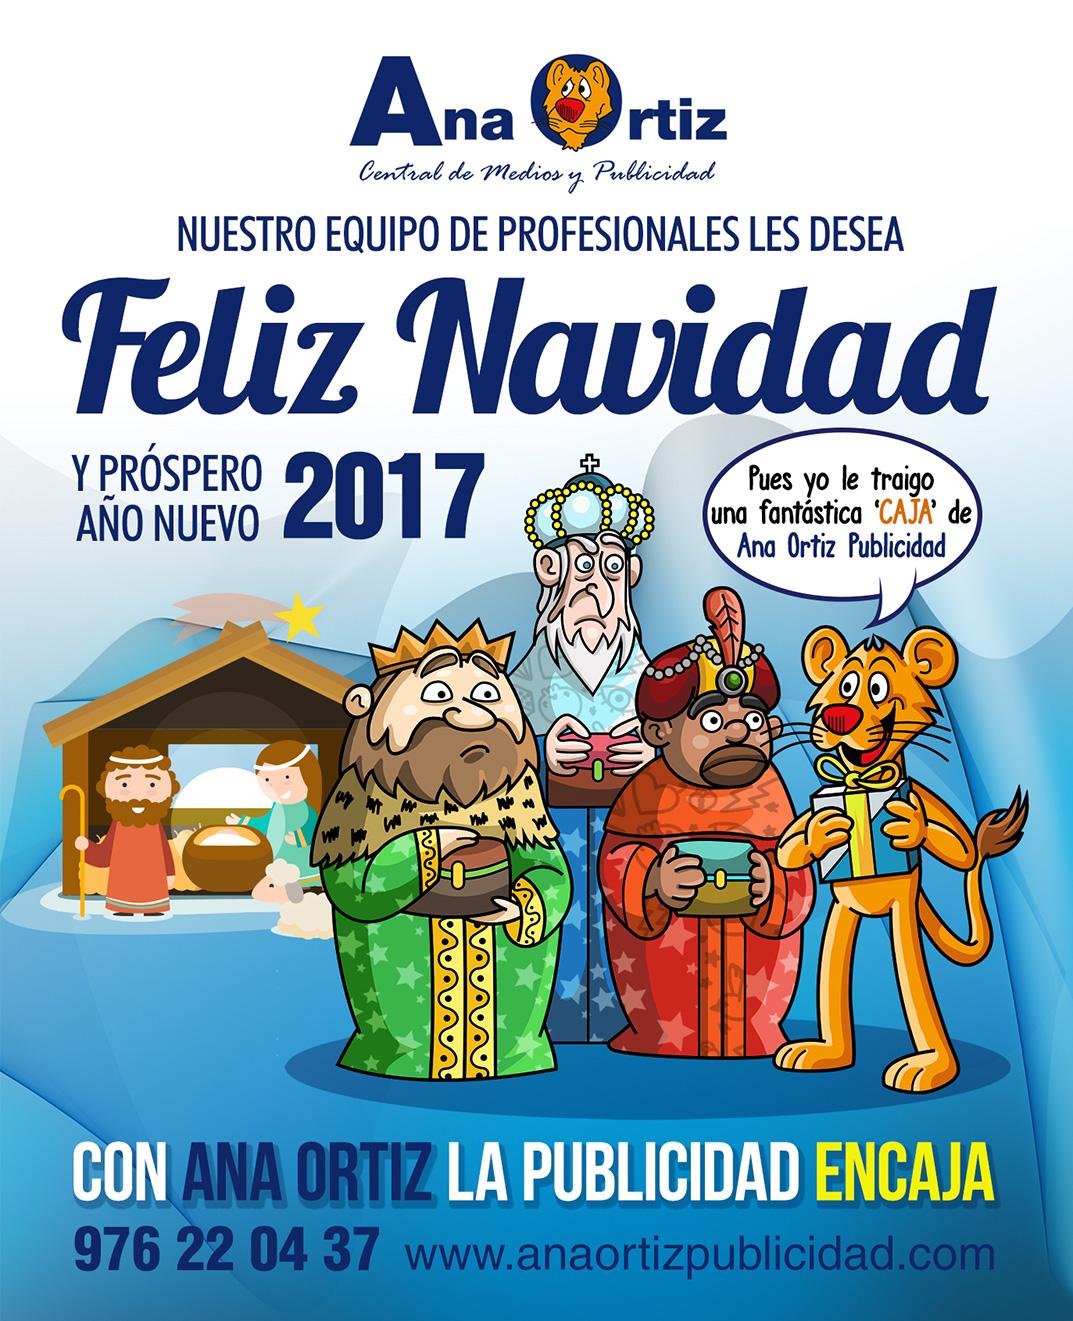 Felicitación de Navidad de Ana Ortiz Publicidad 2016